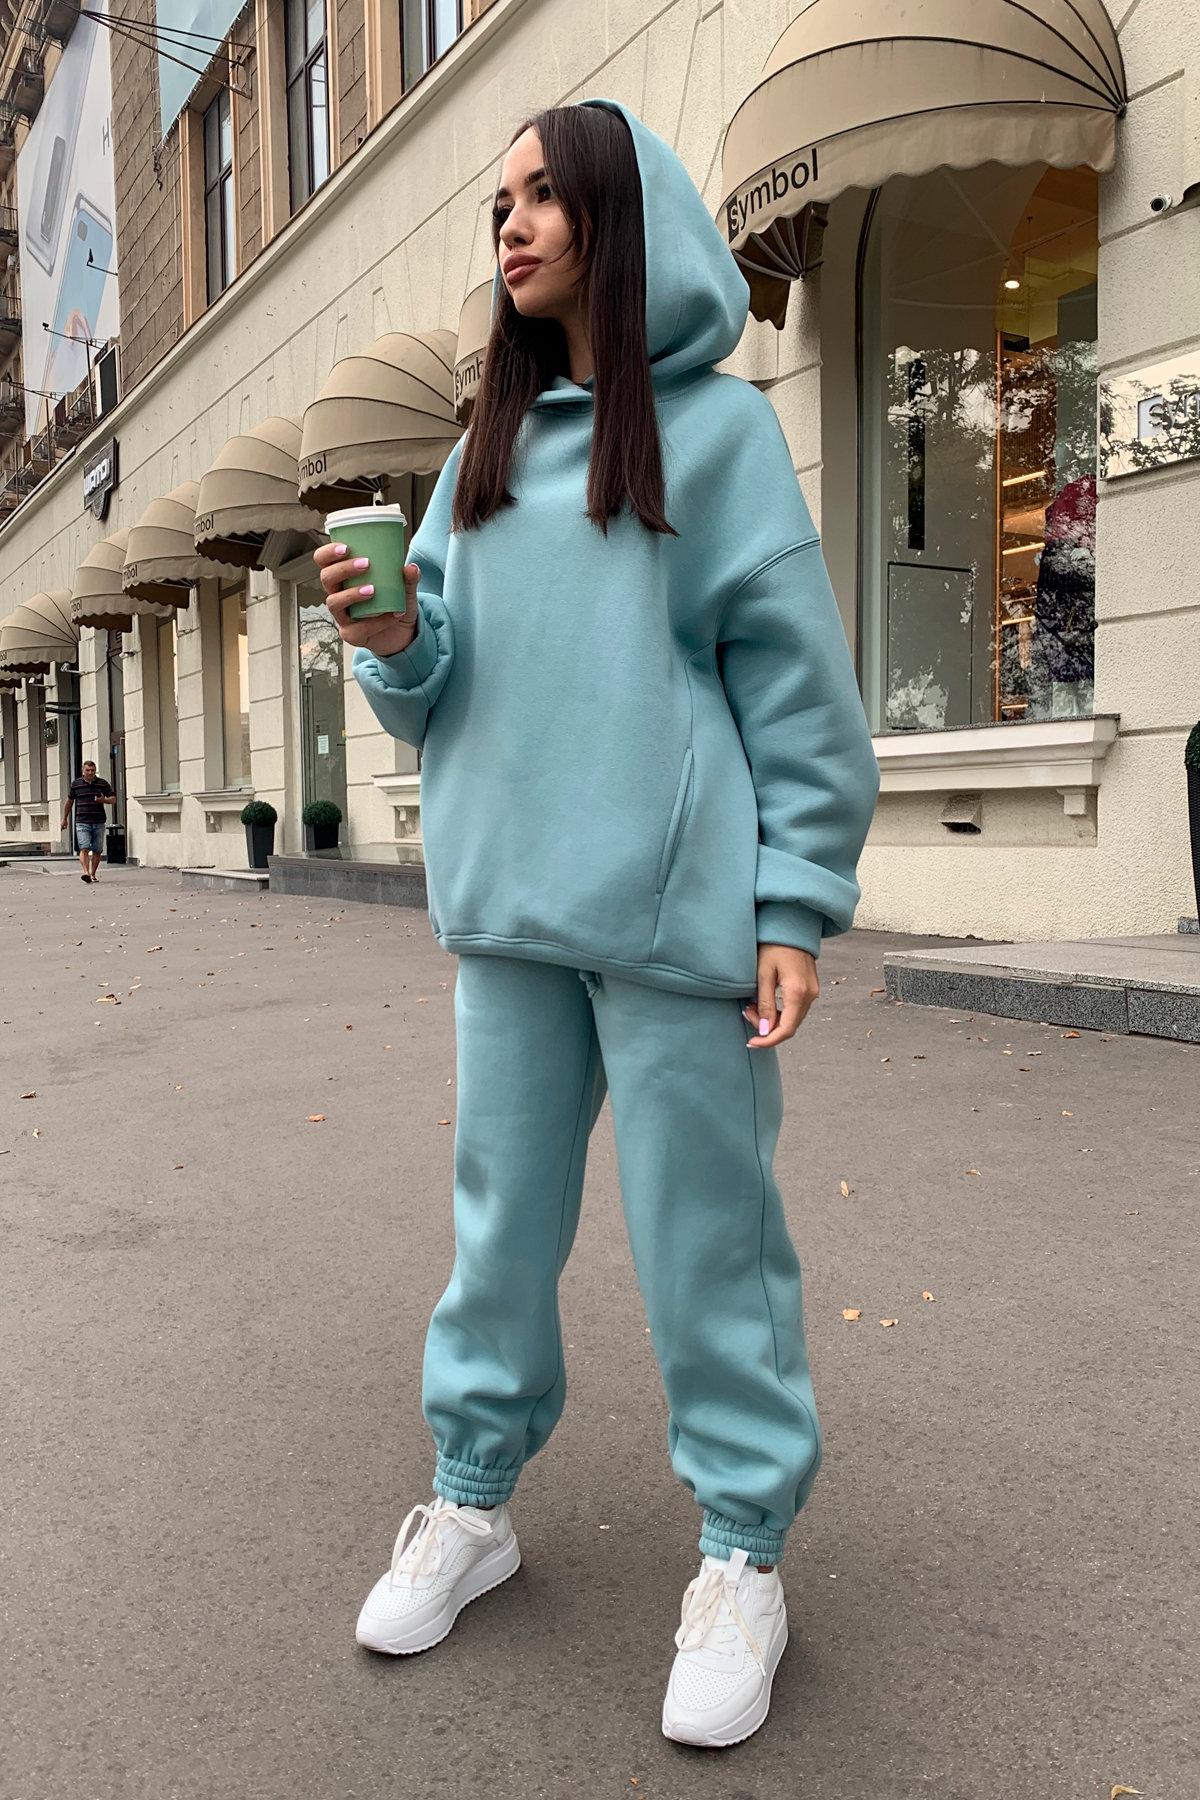 Марион костюм в  стиле Oversize  3х нитка 9651 АРТ. 45983 Цвет: Олива - фото 2, интернет магазин tm-modus.ru